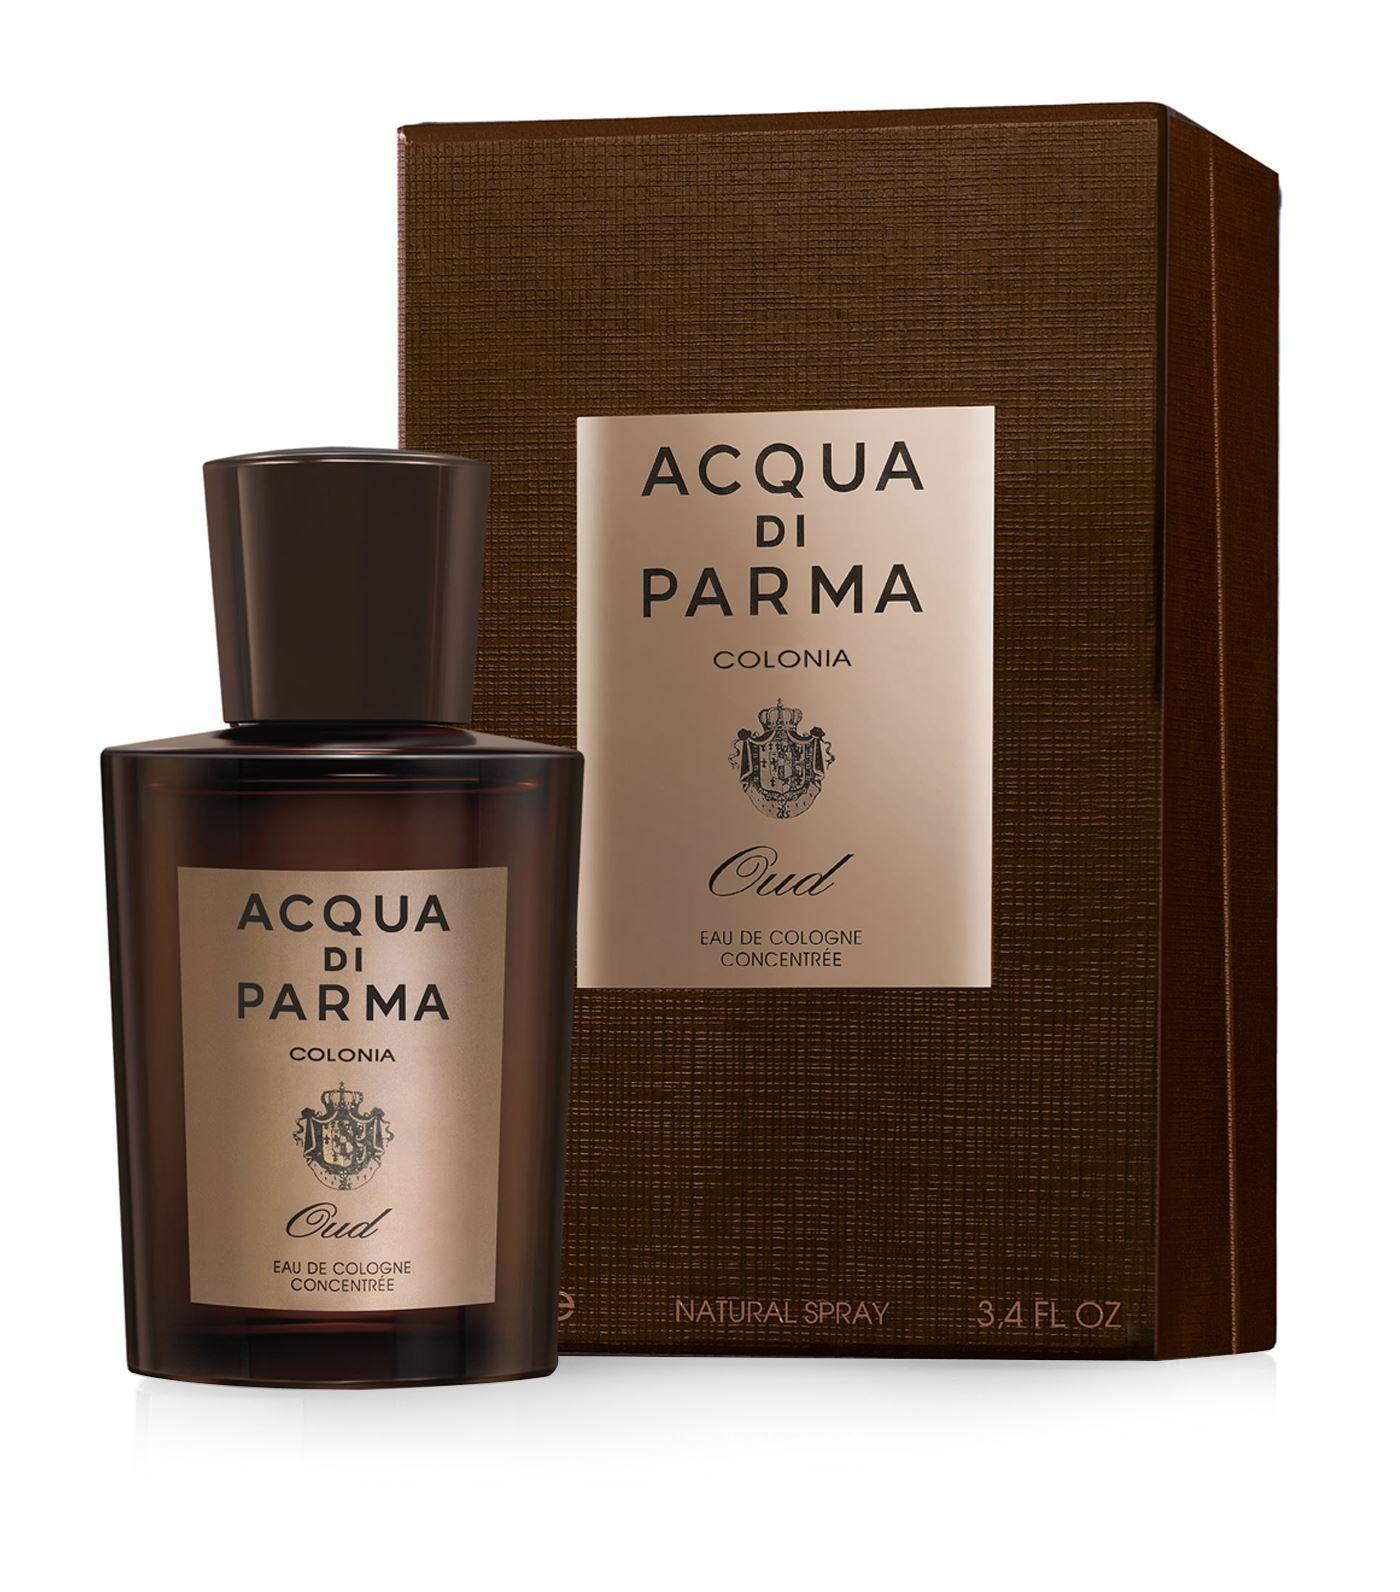 Acqua Di Parma Colonia Oud Eau De Cologne Concentr Acqua Di Parma Eau De Cologne